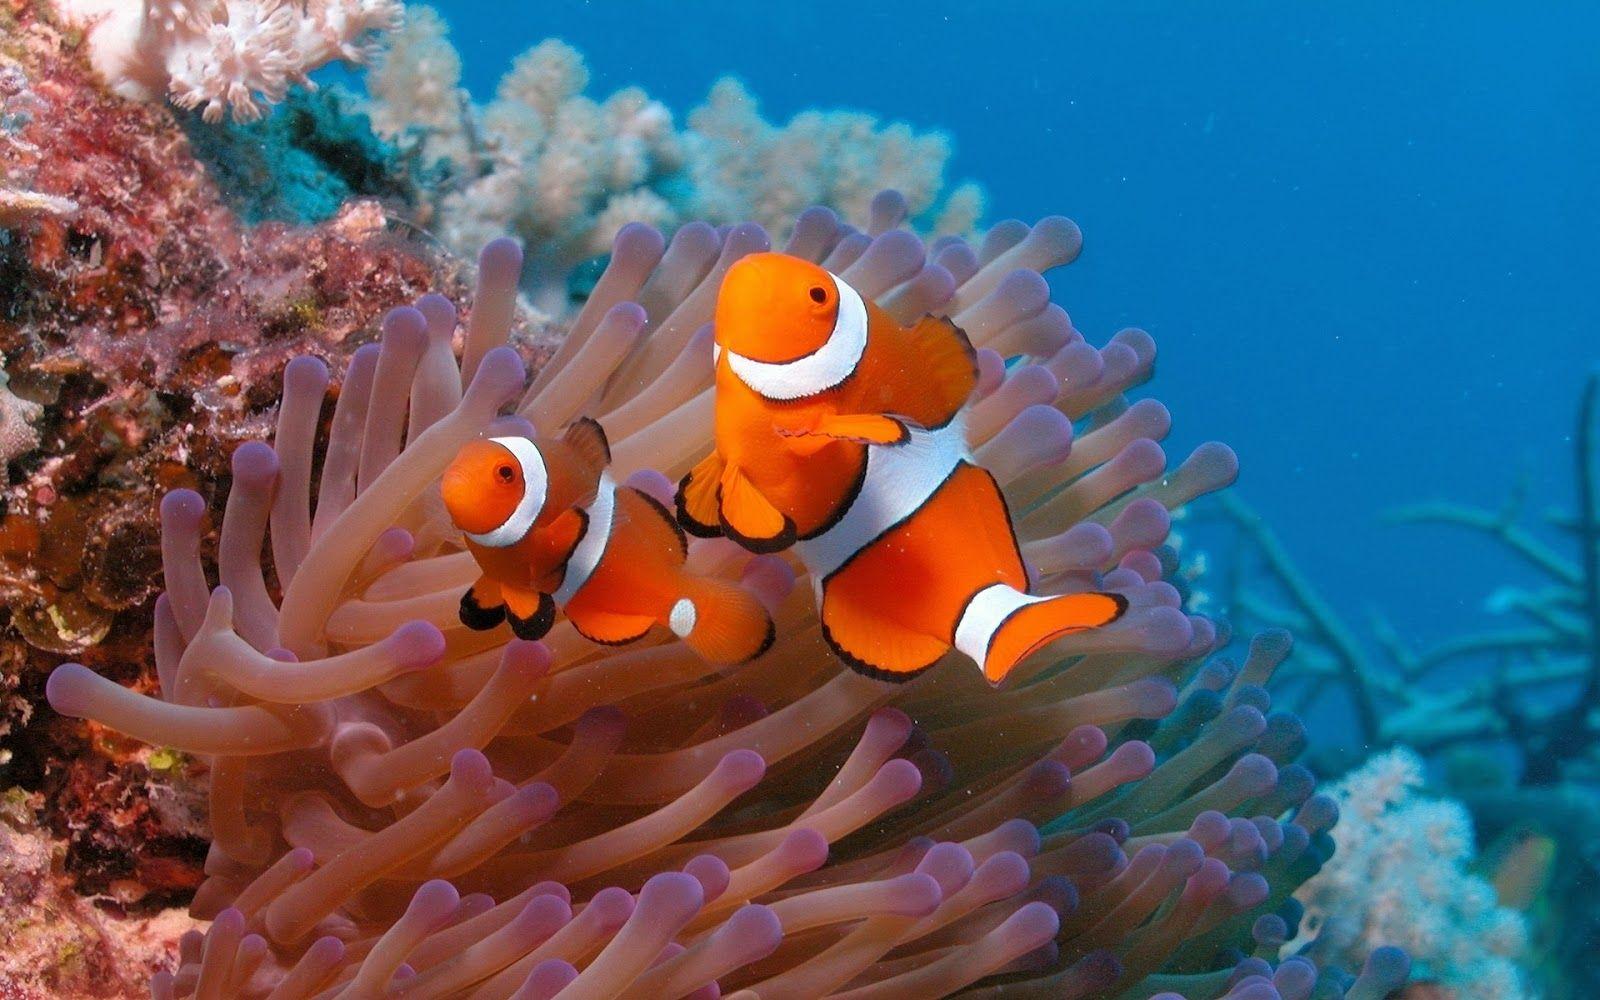 20 Wallpaper Bawah Laut Terbaru Bangiz In 2019 Clownfish